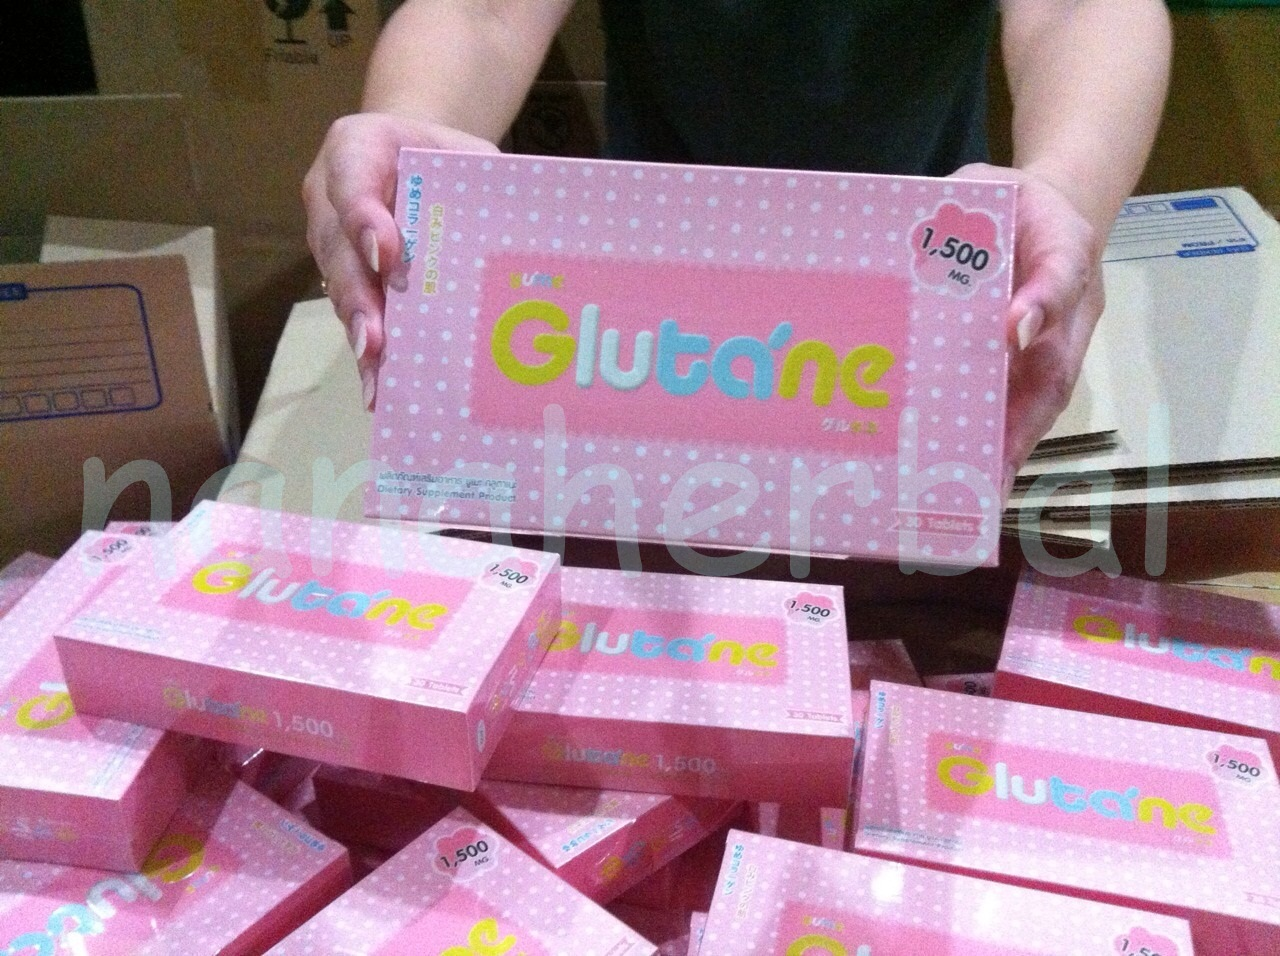 Yume Glutane